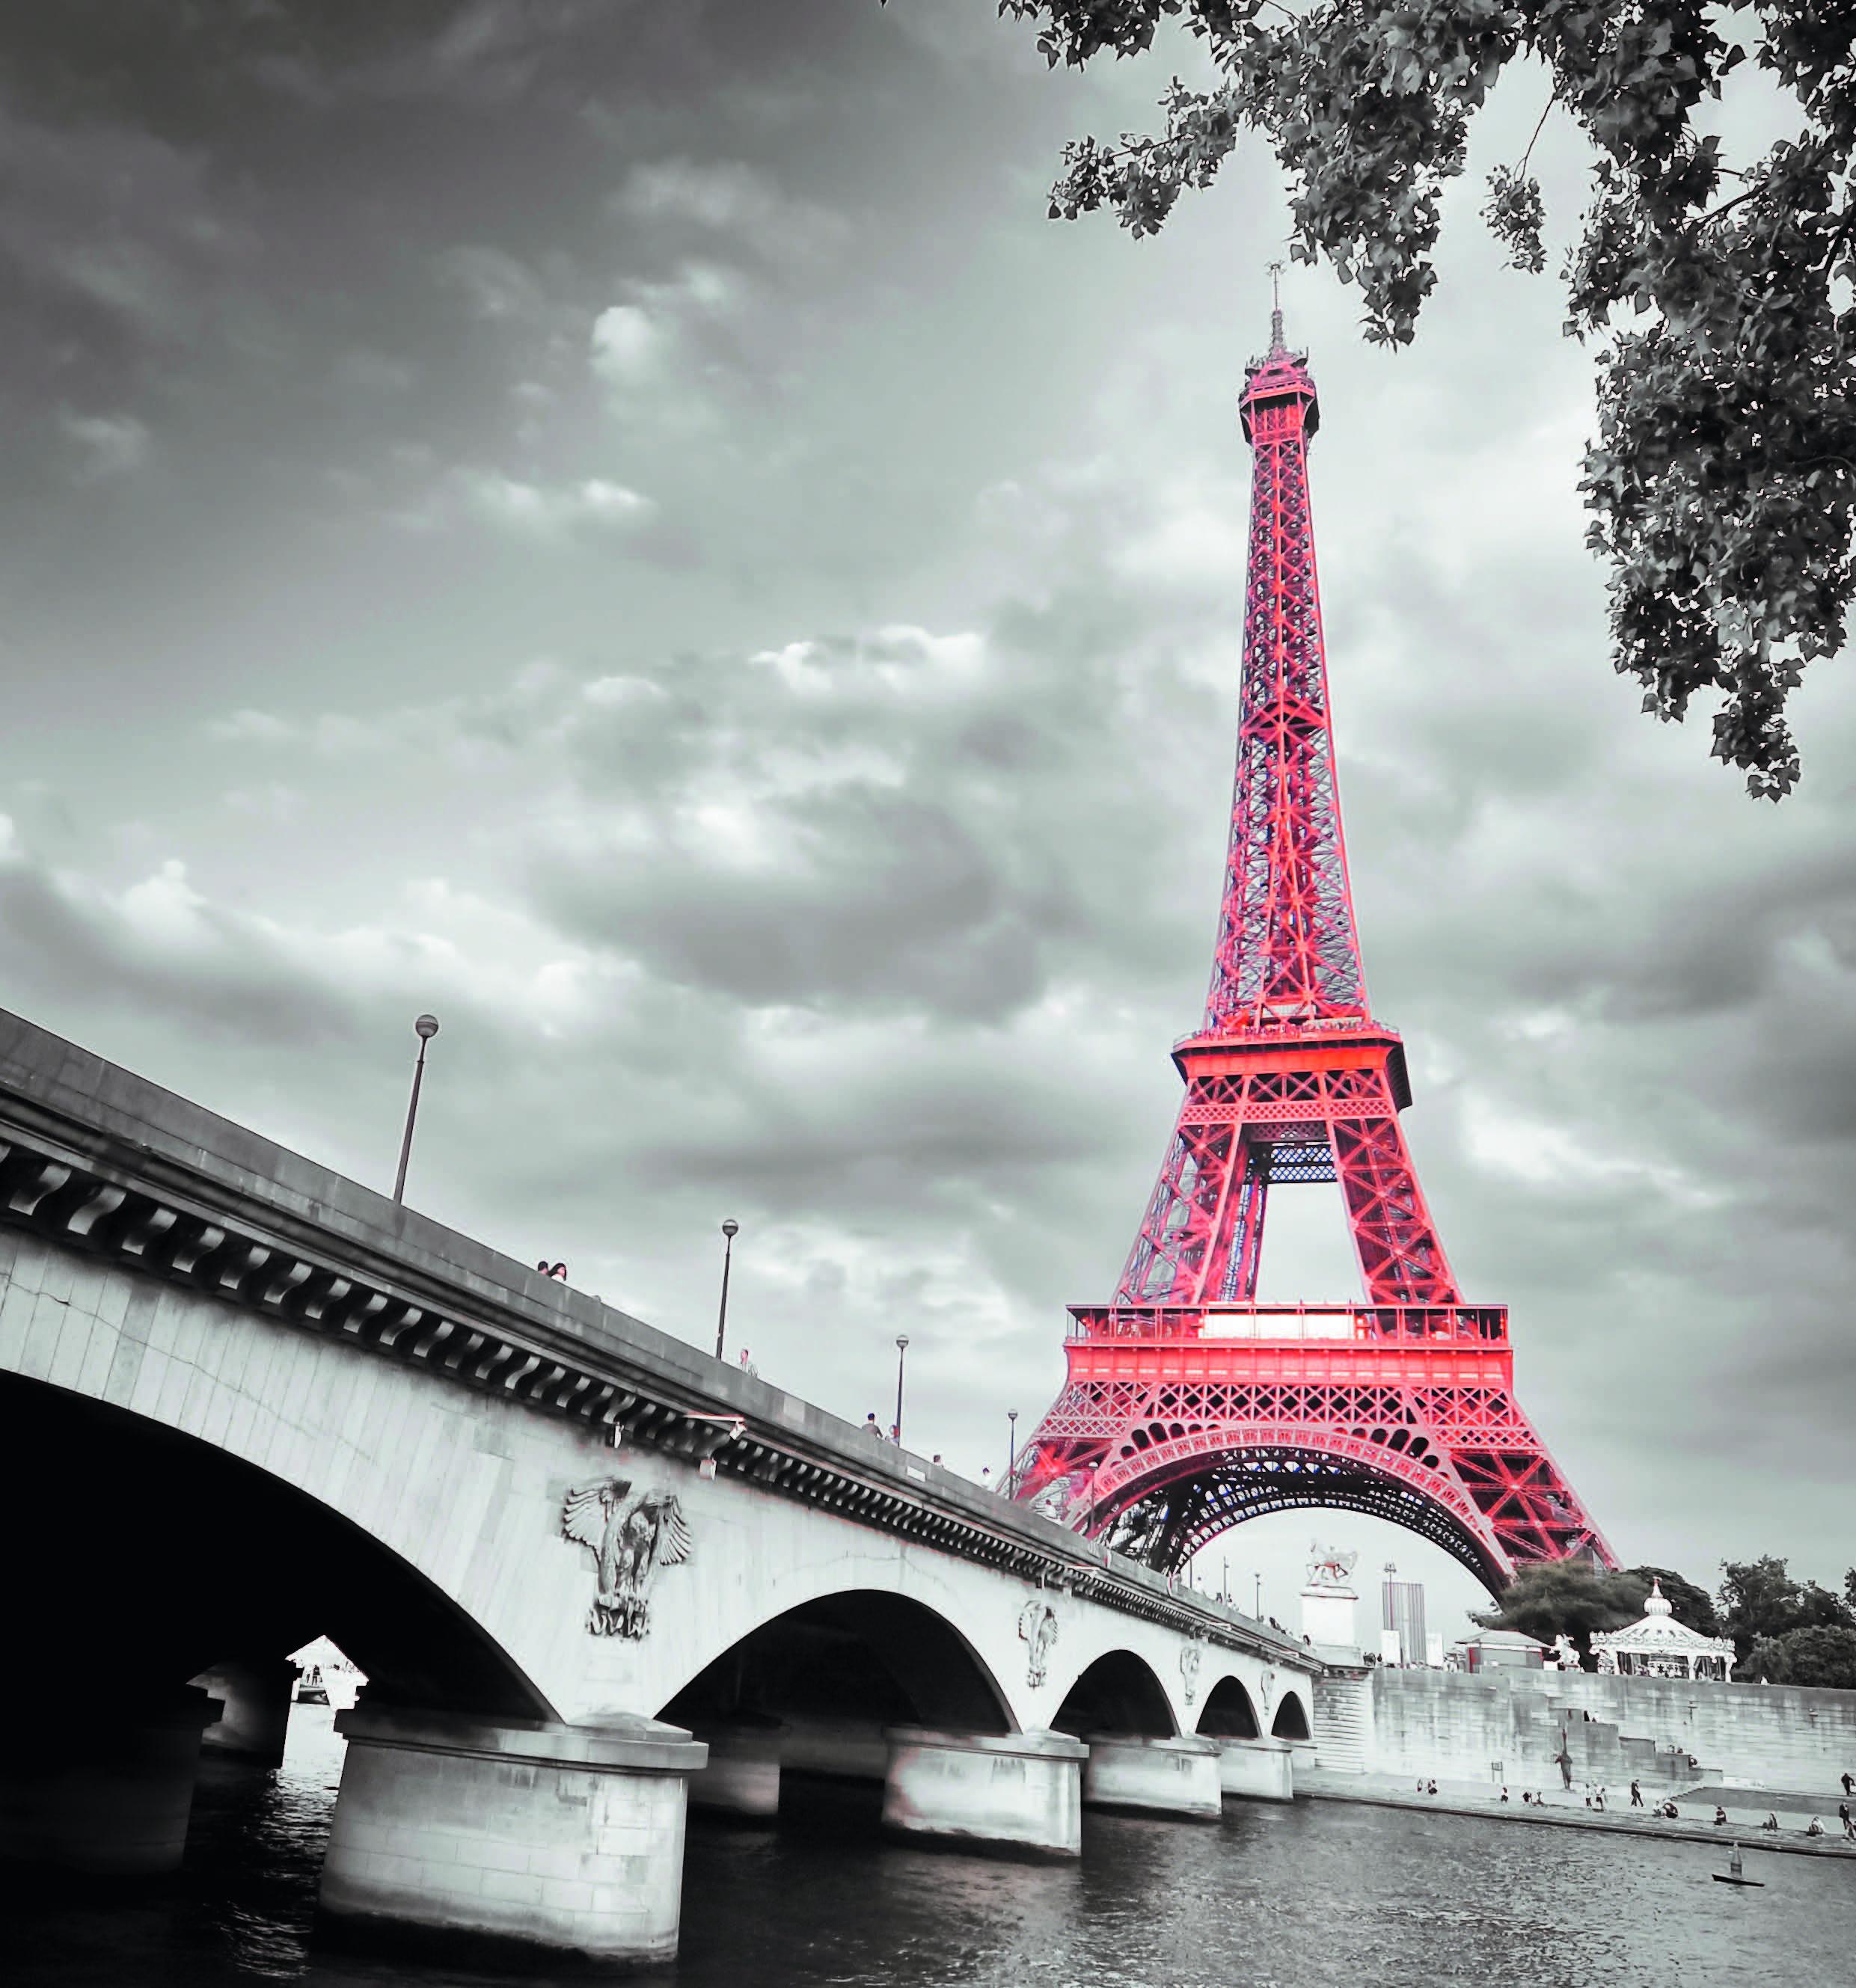 La Tour Eiffel, une vieille dame de 125 ans